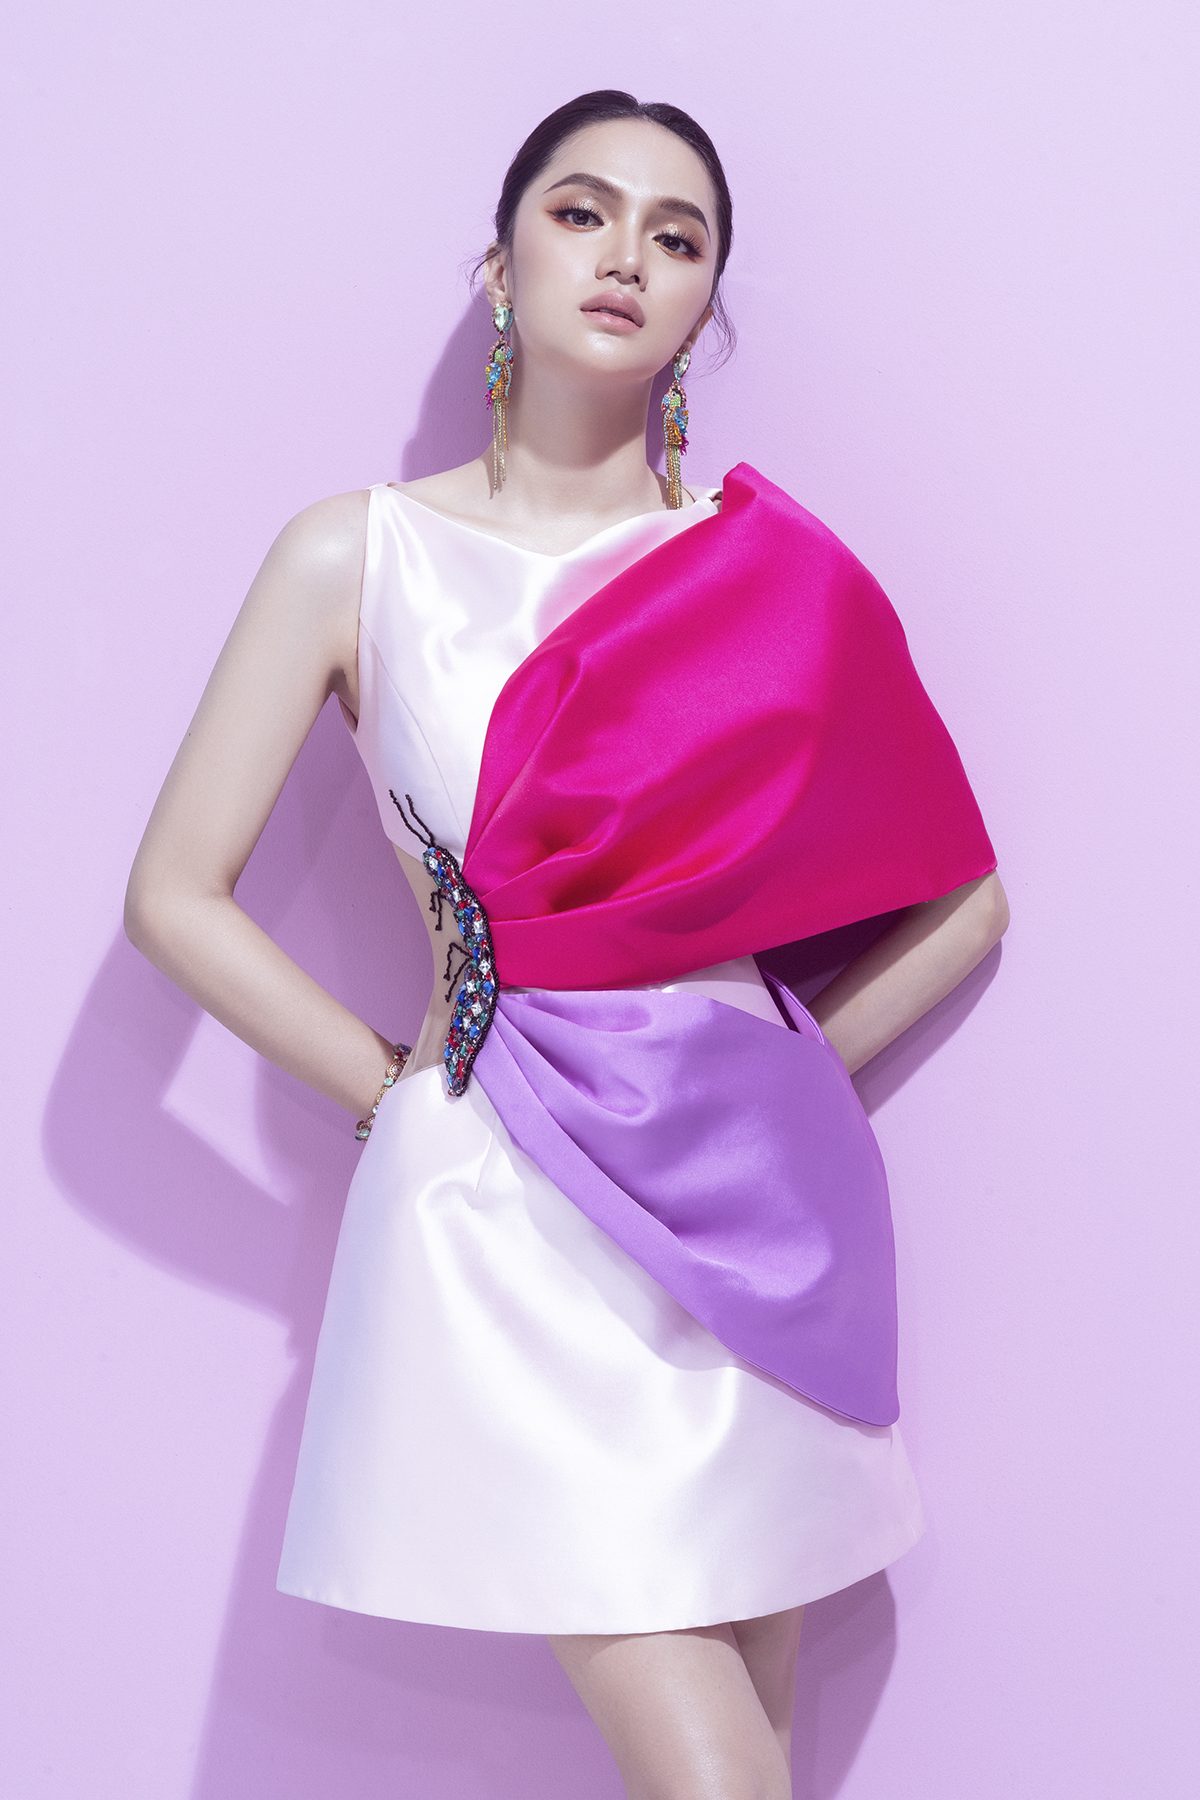 hoa hậu hương giang bộ ảnh marky aterlier bộ váy trắng hồng